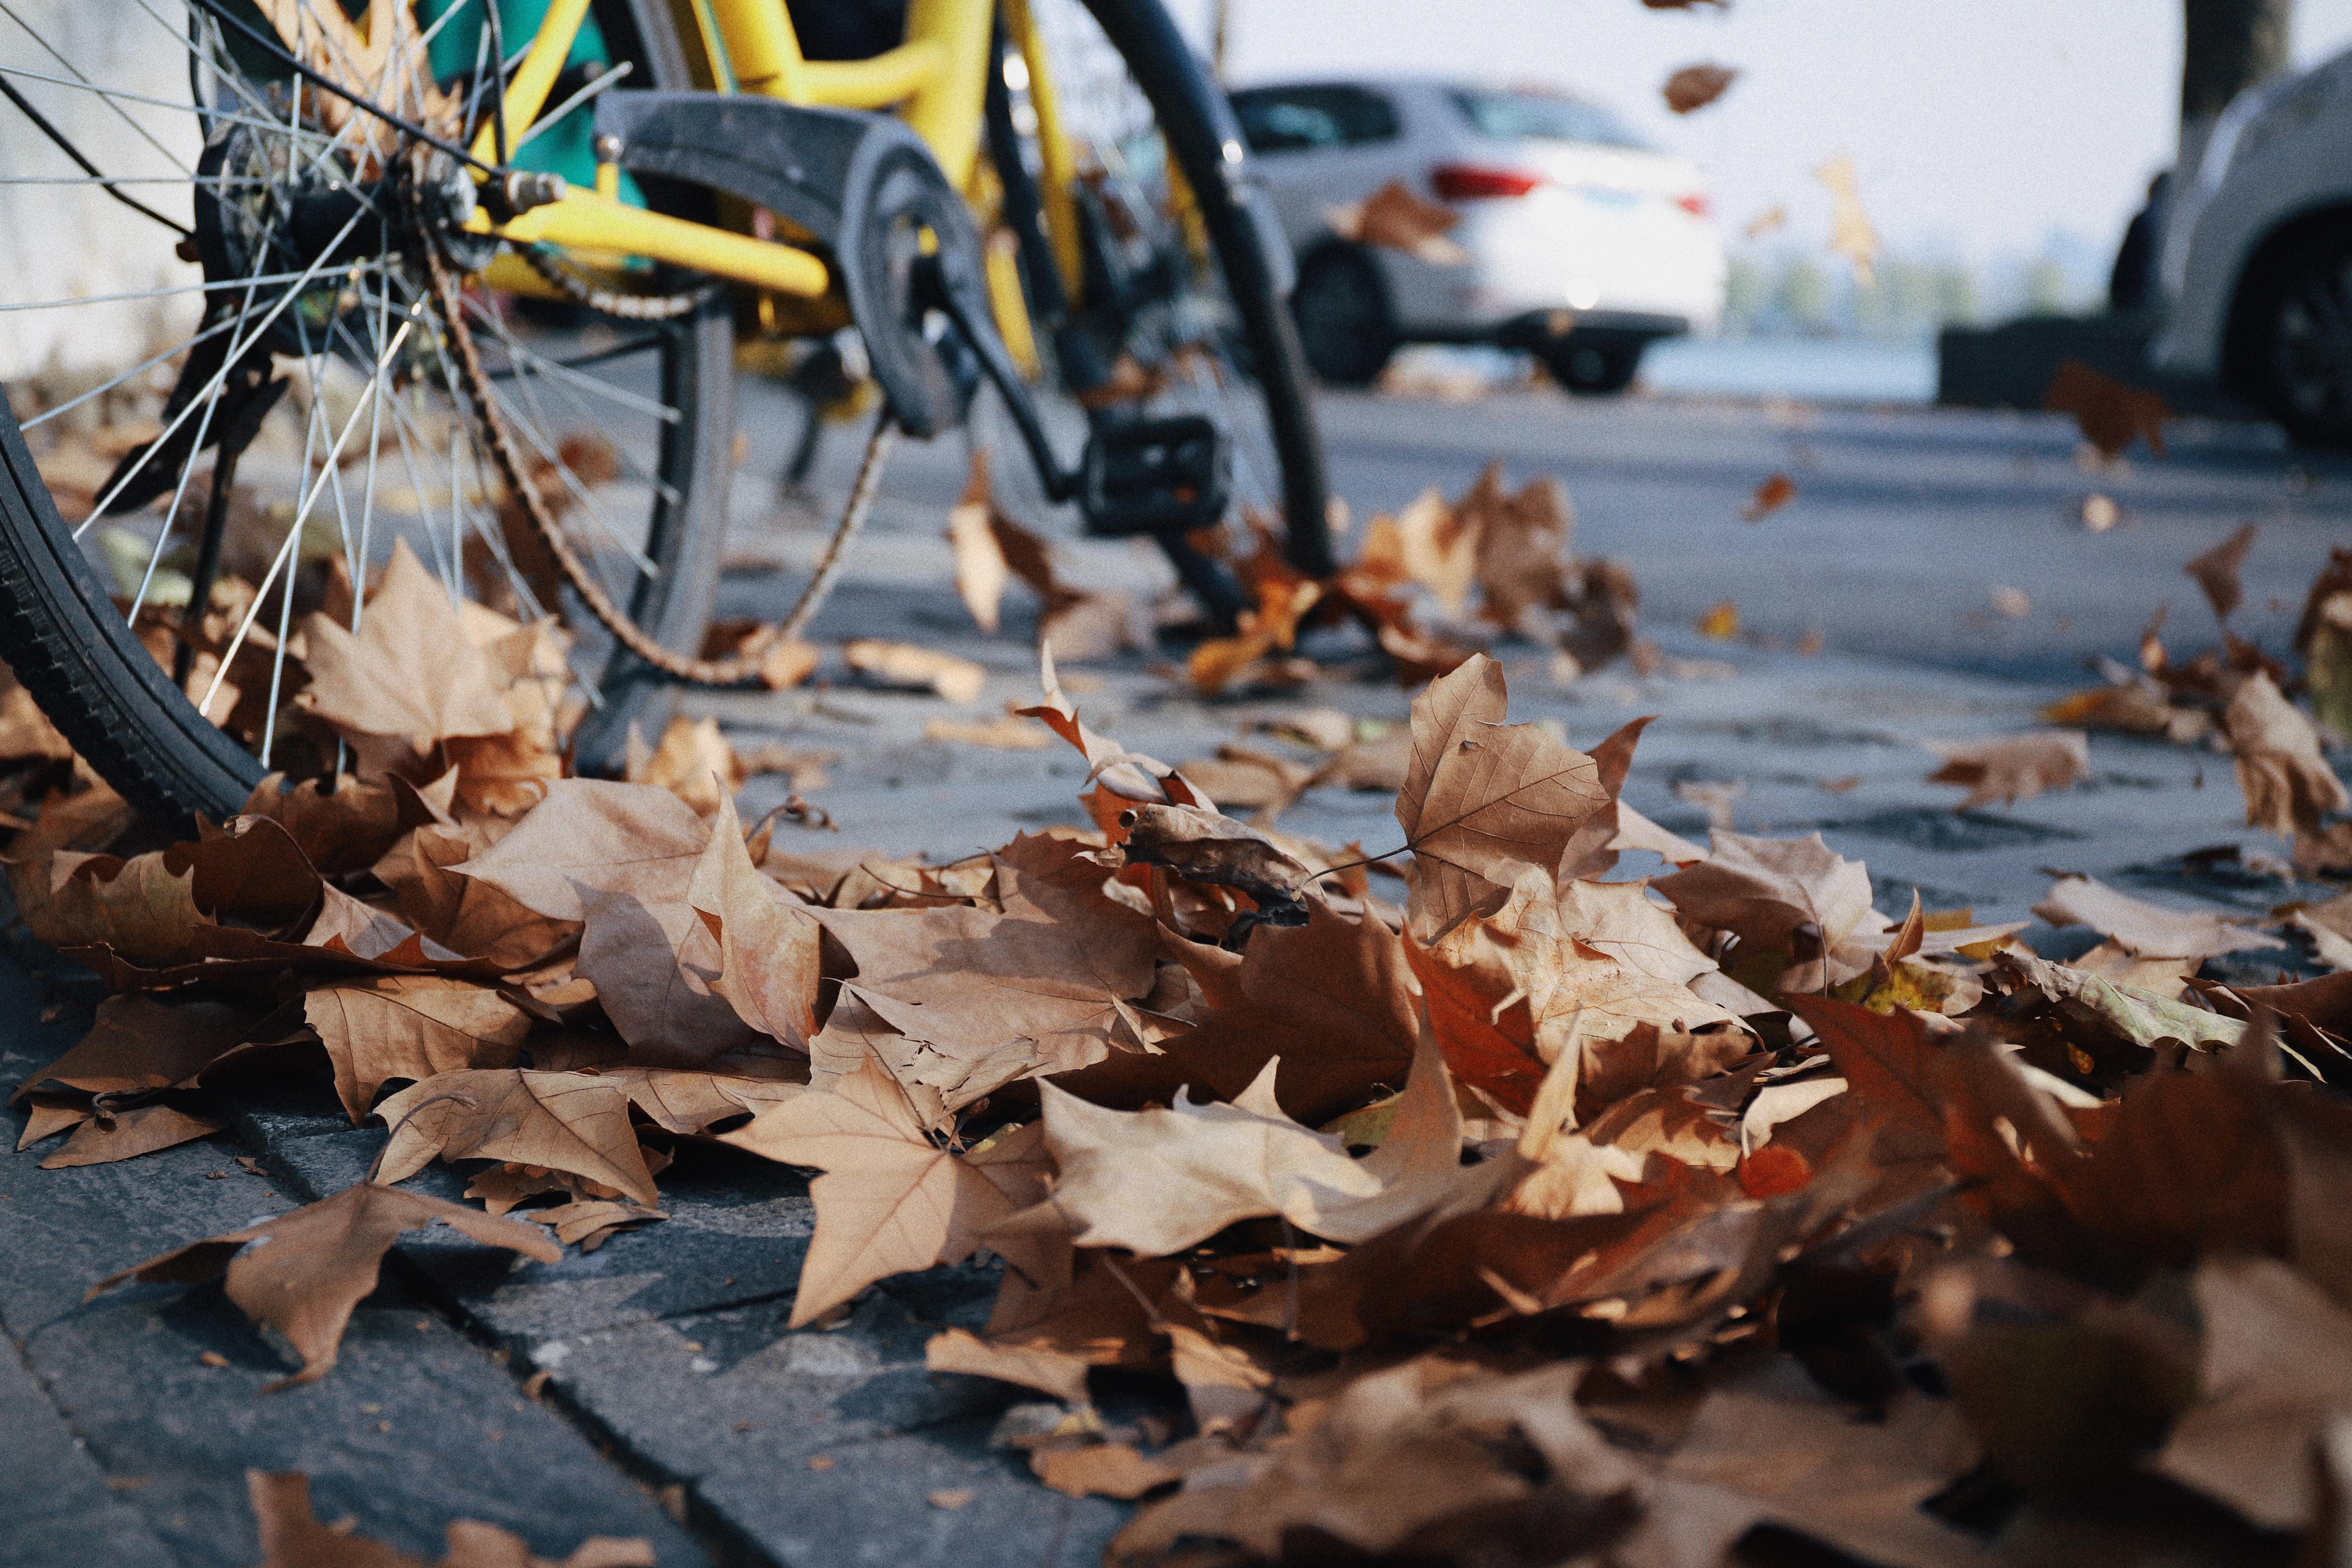 Wniosek o uporządkowanie terenu po wycinkach drzew wzdłuż ścieżki rowerowej do Kalinka